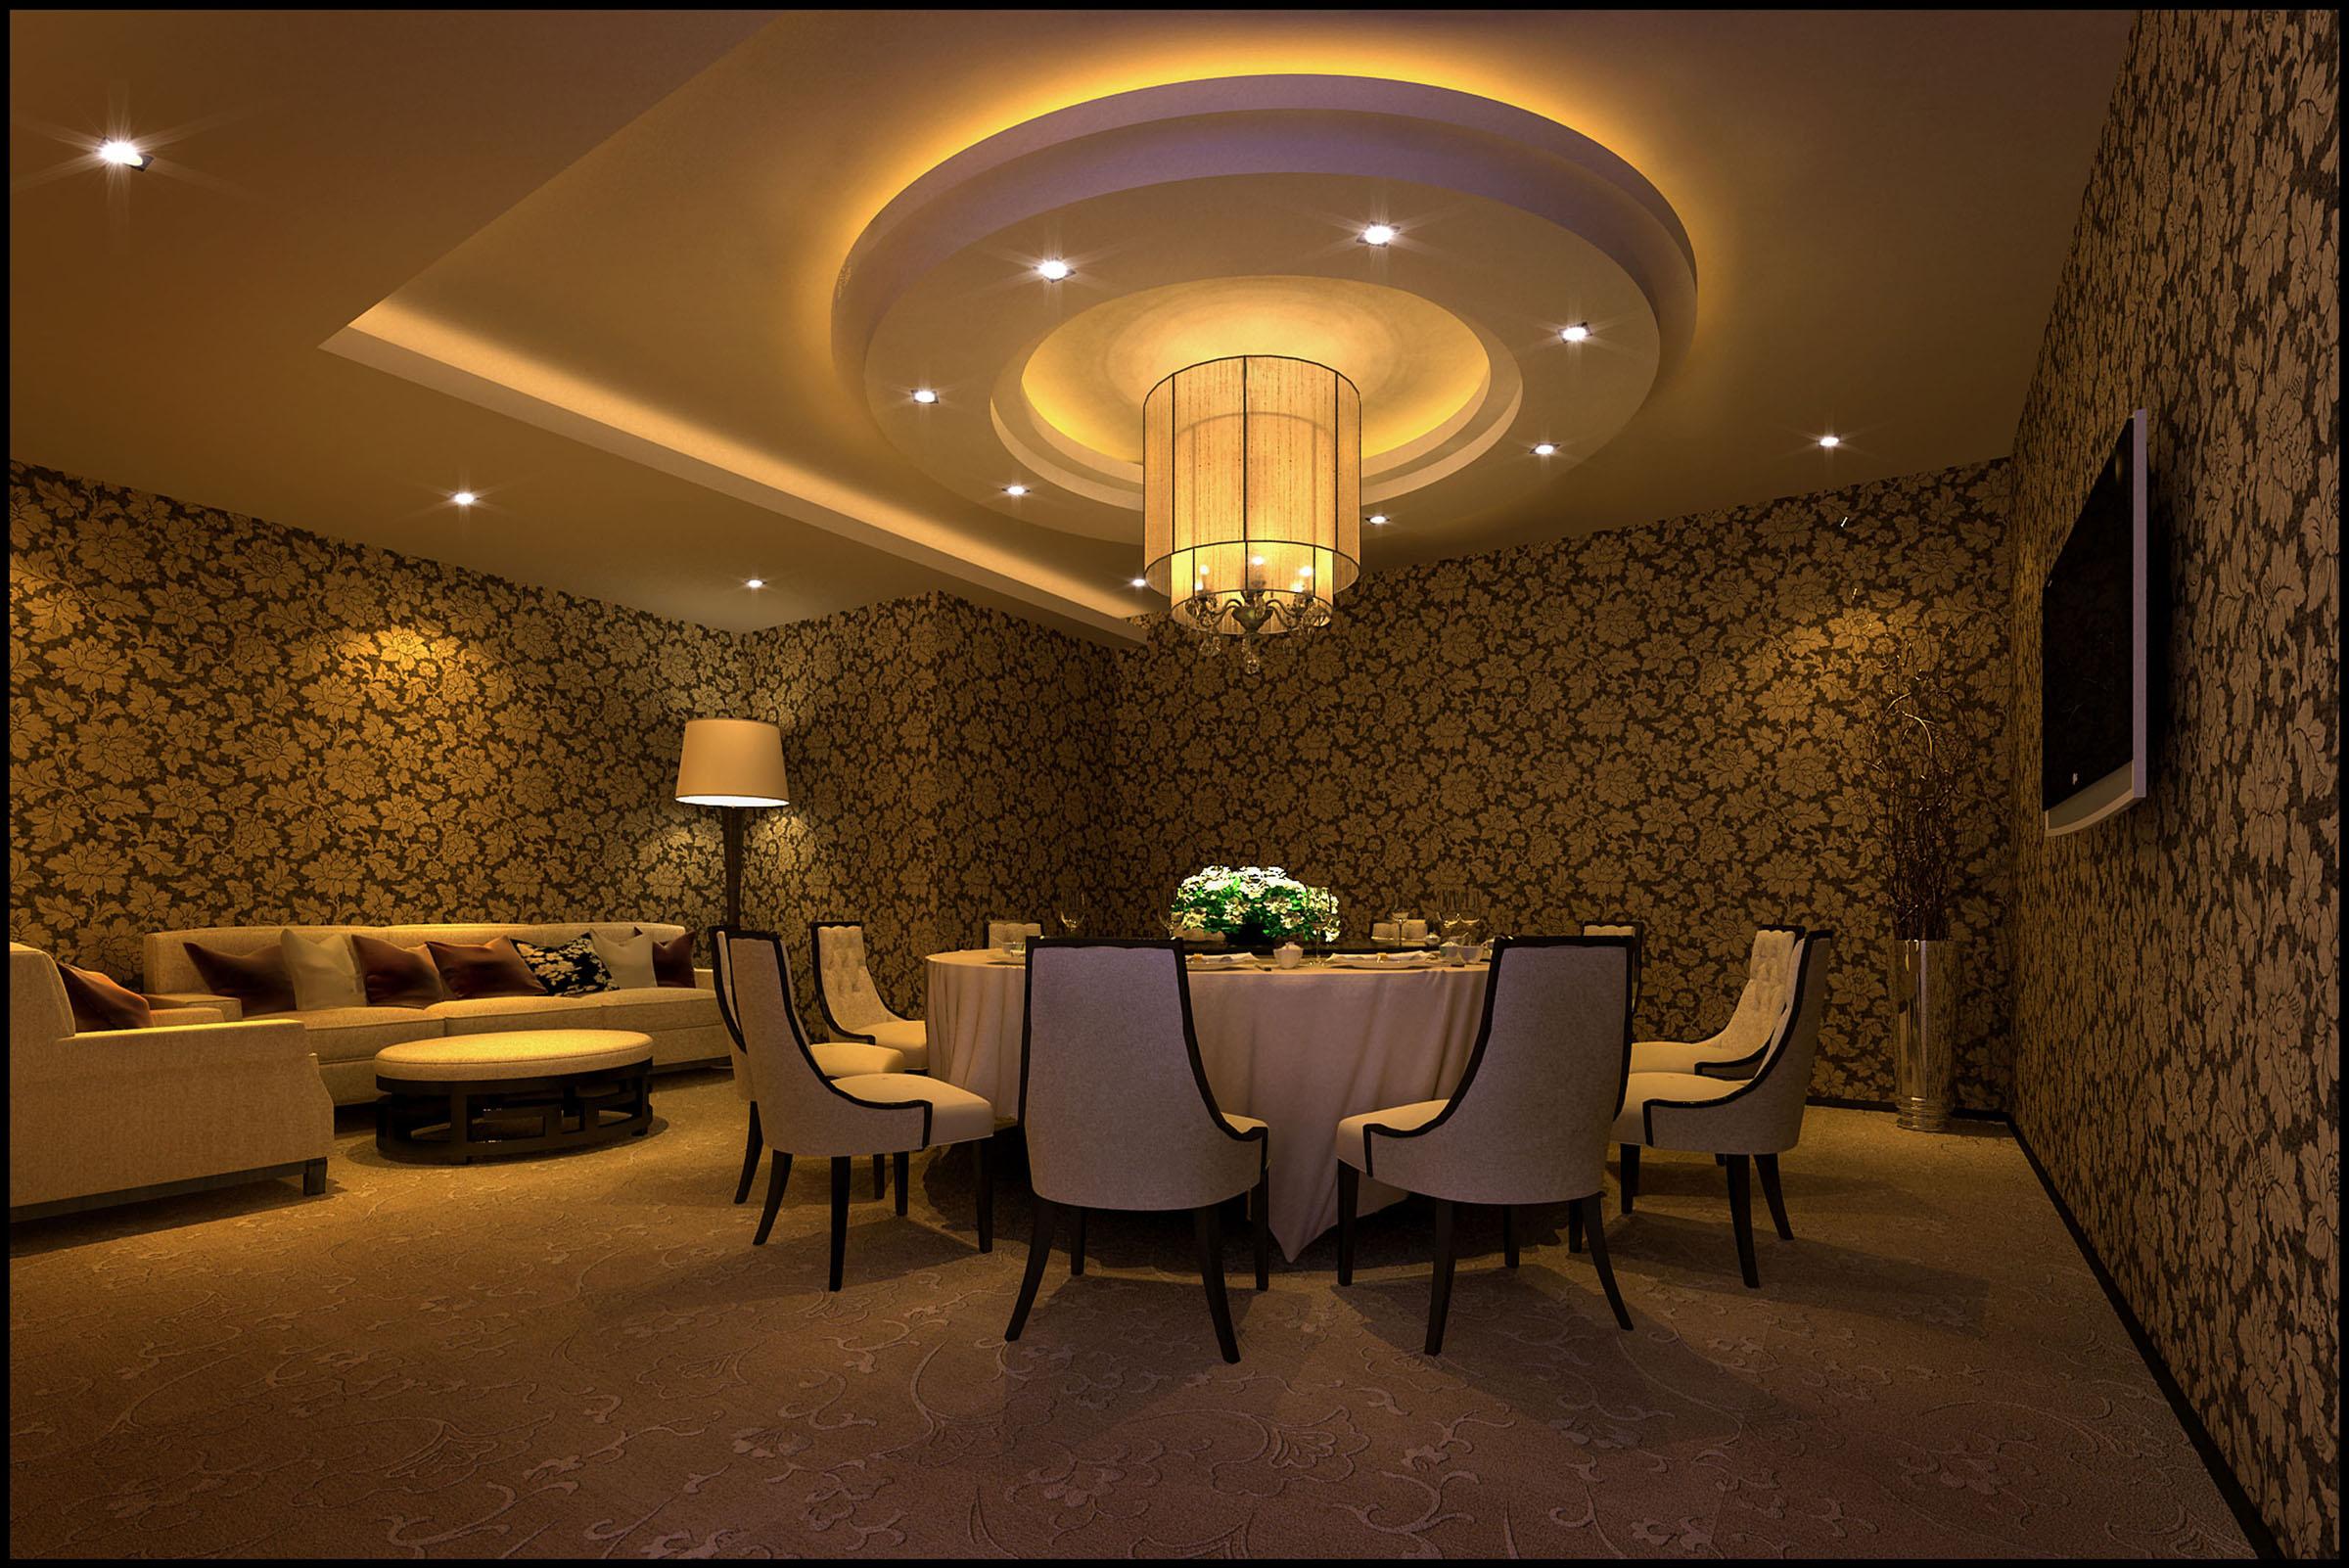 餐厅设计要素   1、餐厅设计顶面----应以素雅、洁净材料做装饰,如漆、局部木制、金属,并用灯具作衬托,有时可适当降低吊顶,可给人以亲切感。   2、墙面----齐腰位置考虑用些耐磨的材料,尽量选择环保无害材料,如选择一些木饰、玻璃、镜子做局部护墙处理,而且能营造出一种清新、优雅的氛围,以增加就餐者的食欲,给人以宽敞感。   3、地面----选用表面光洁、易清洁的材料,如大理石、地砖、地板,局部用玻璃而且下面有光源,便于制造浪漫气氛和神秘感。   4、餐桌----方桌、圆桌、折叠桌、不规则型,不同的桌子